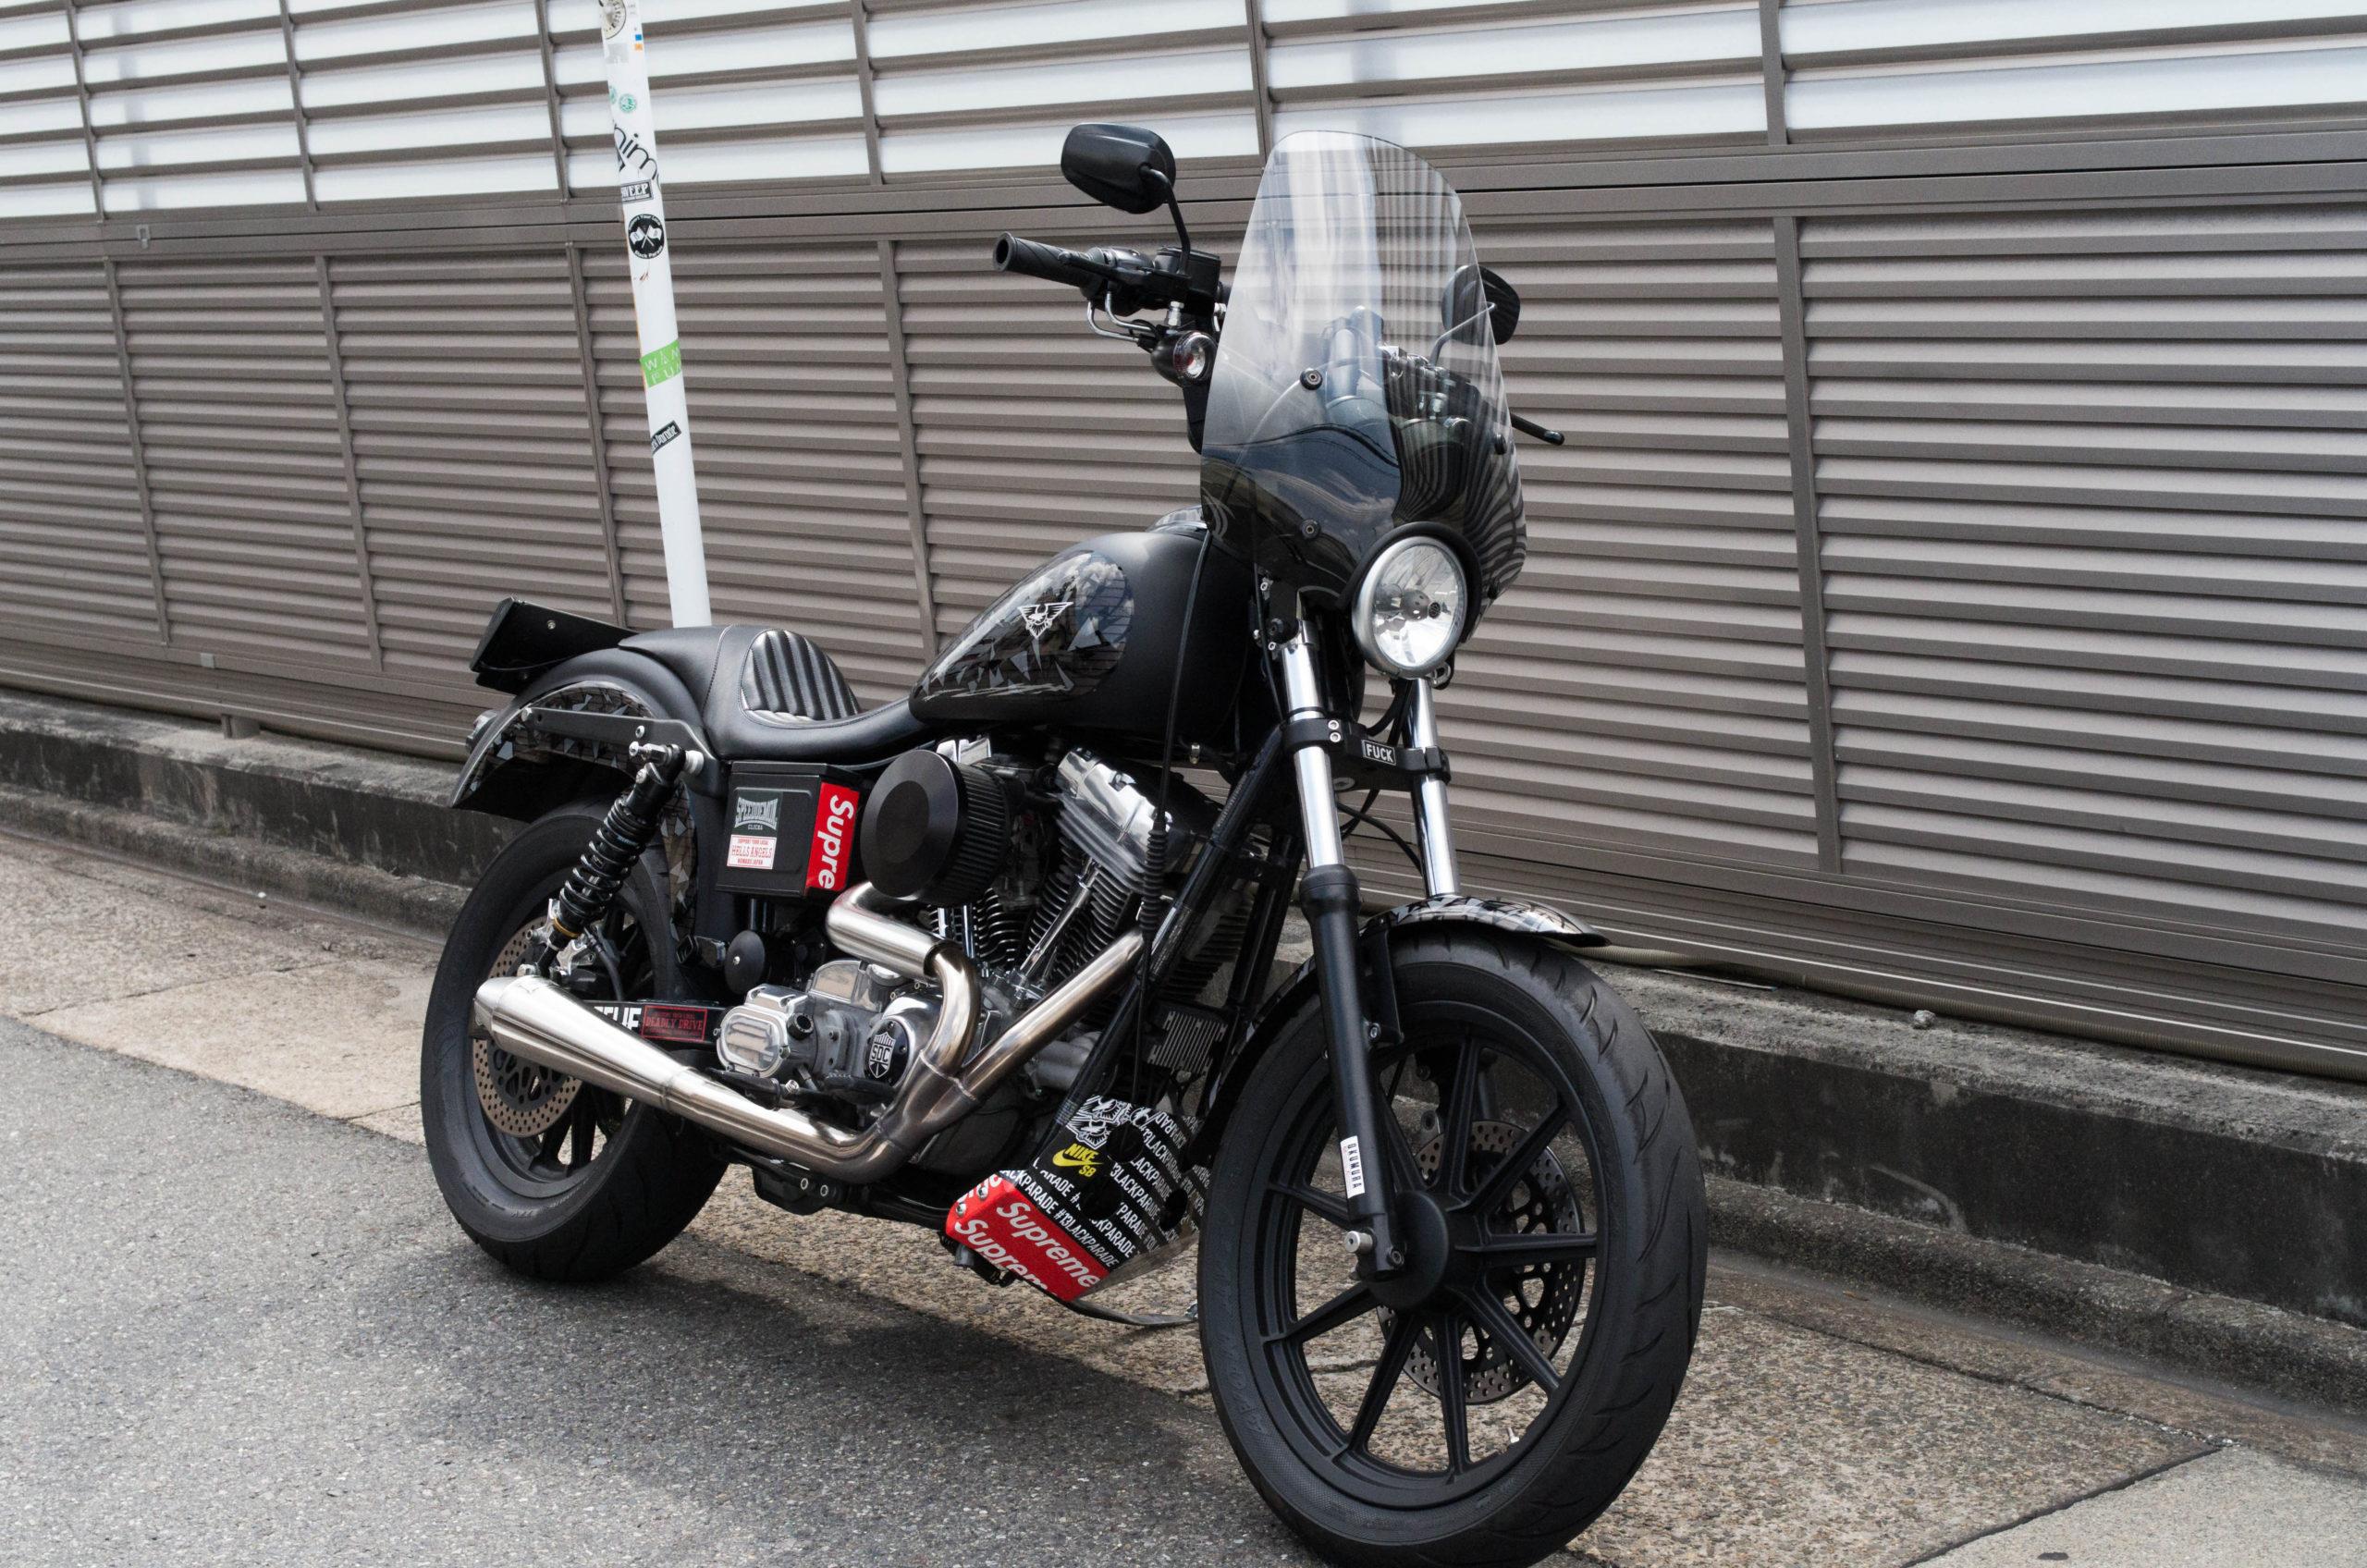 Harley Davidson 1999 FXD